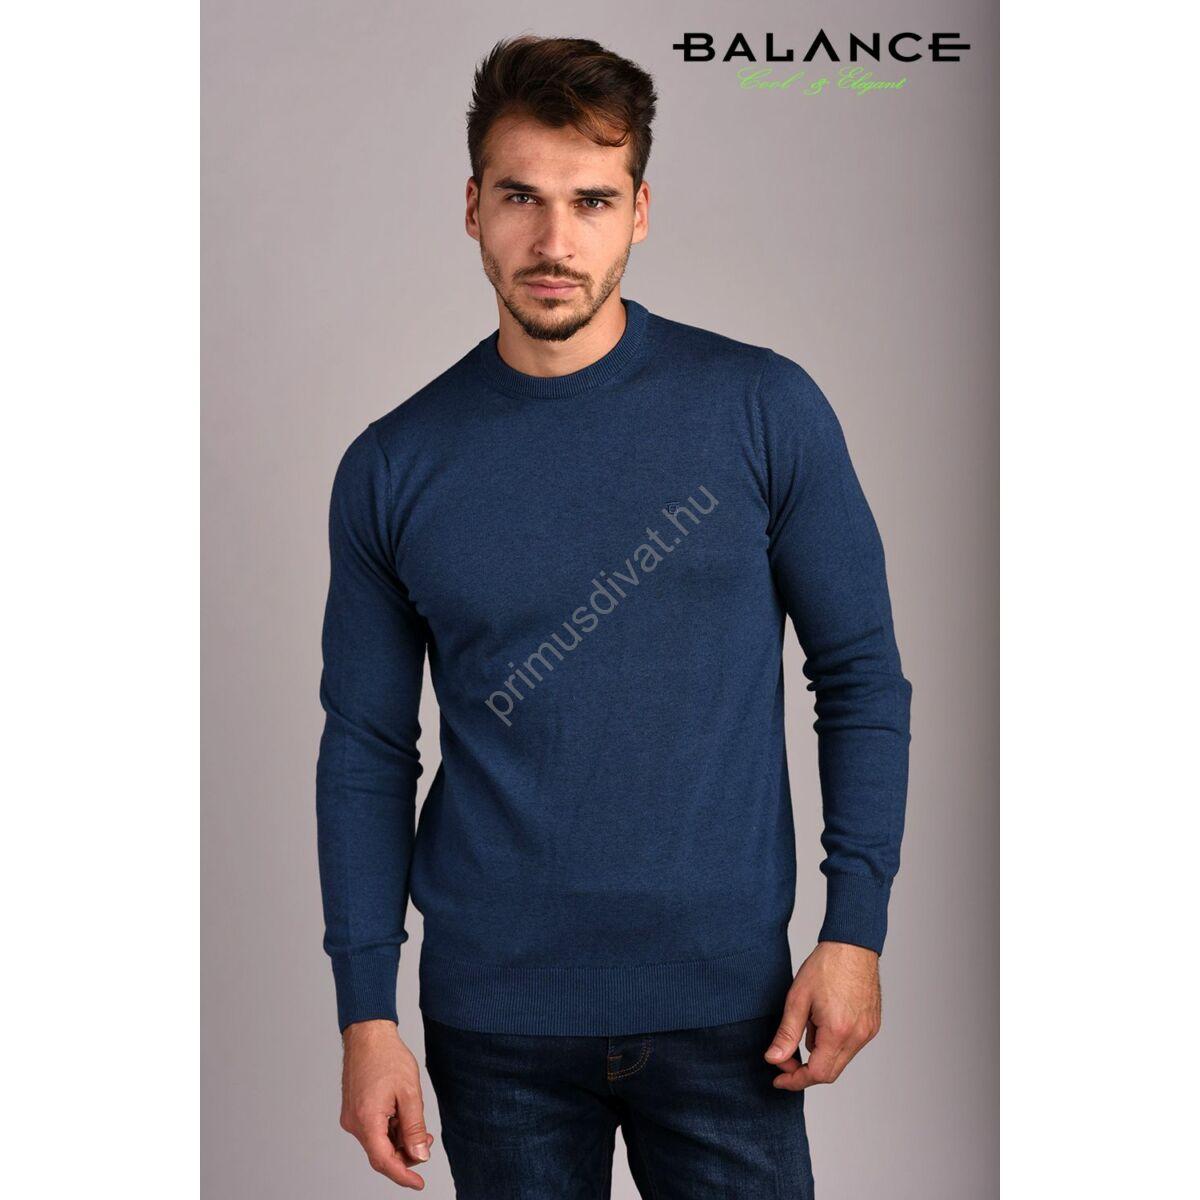 Balance vékony kötött környakas pamut pulóver, sötétkék-melange